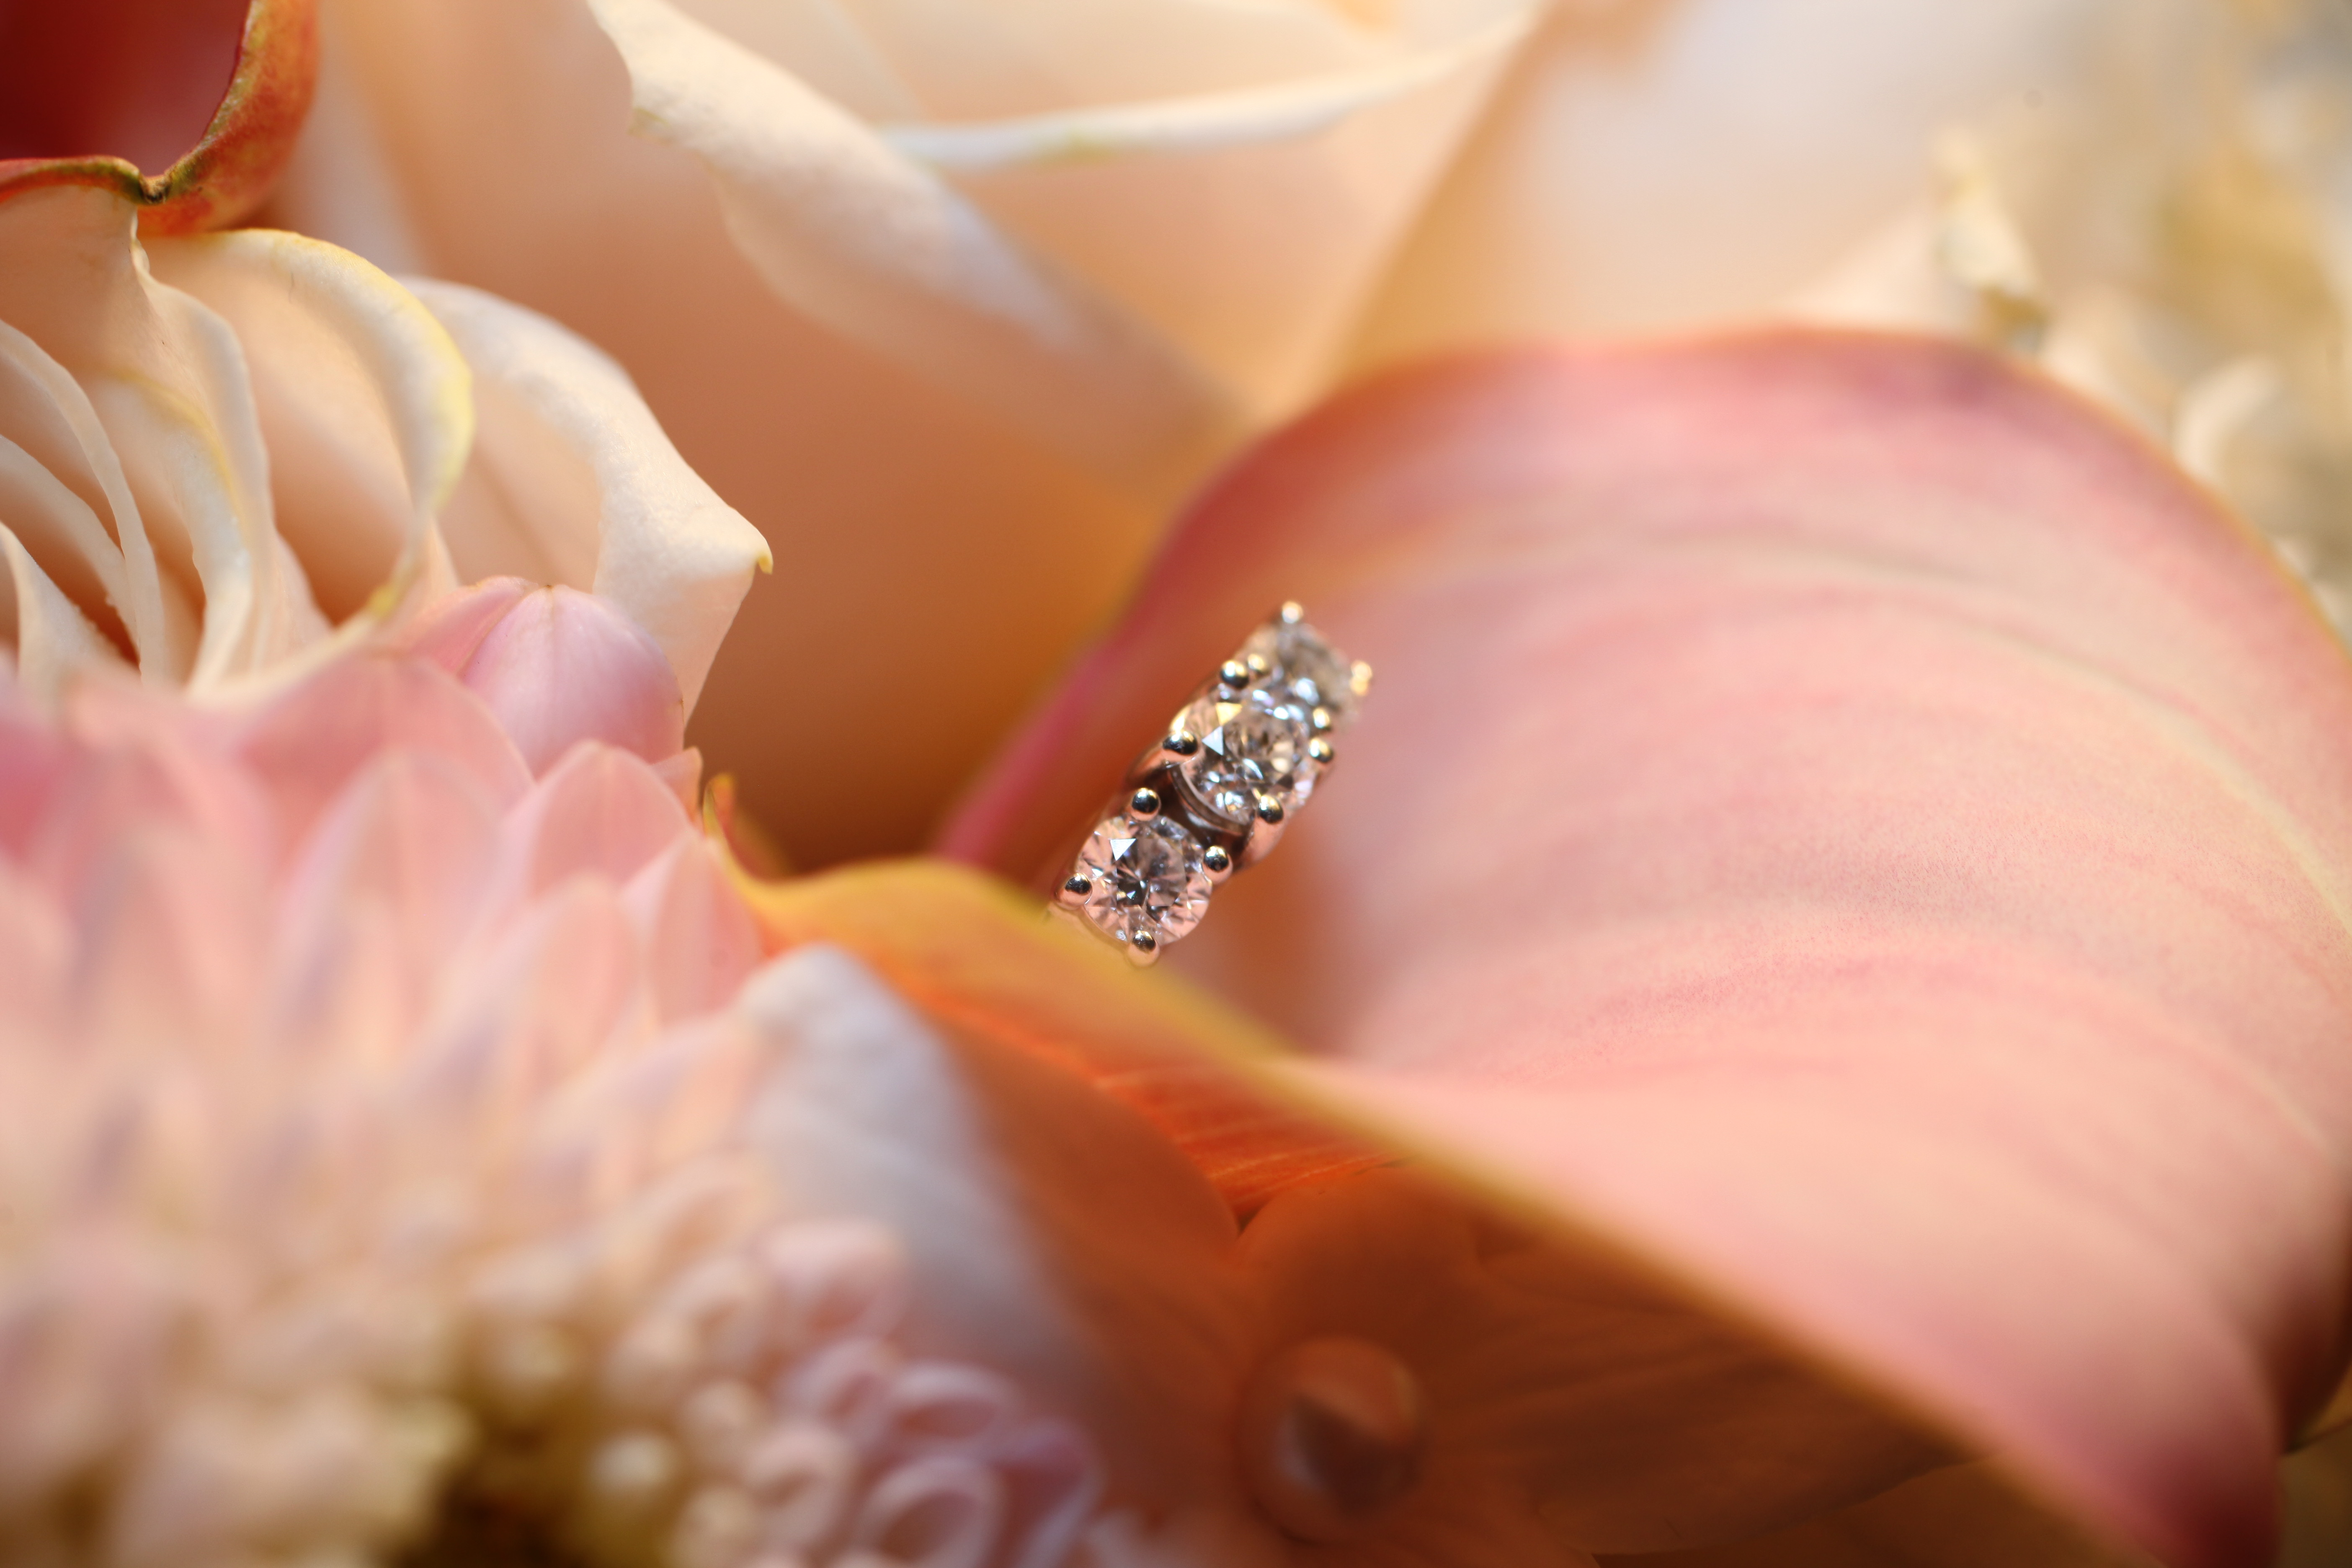 Diamond in a flower